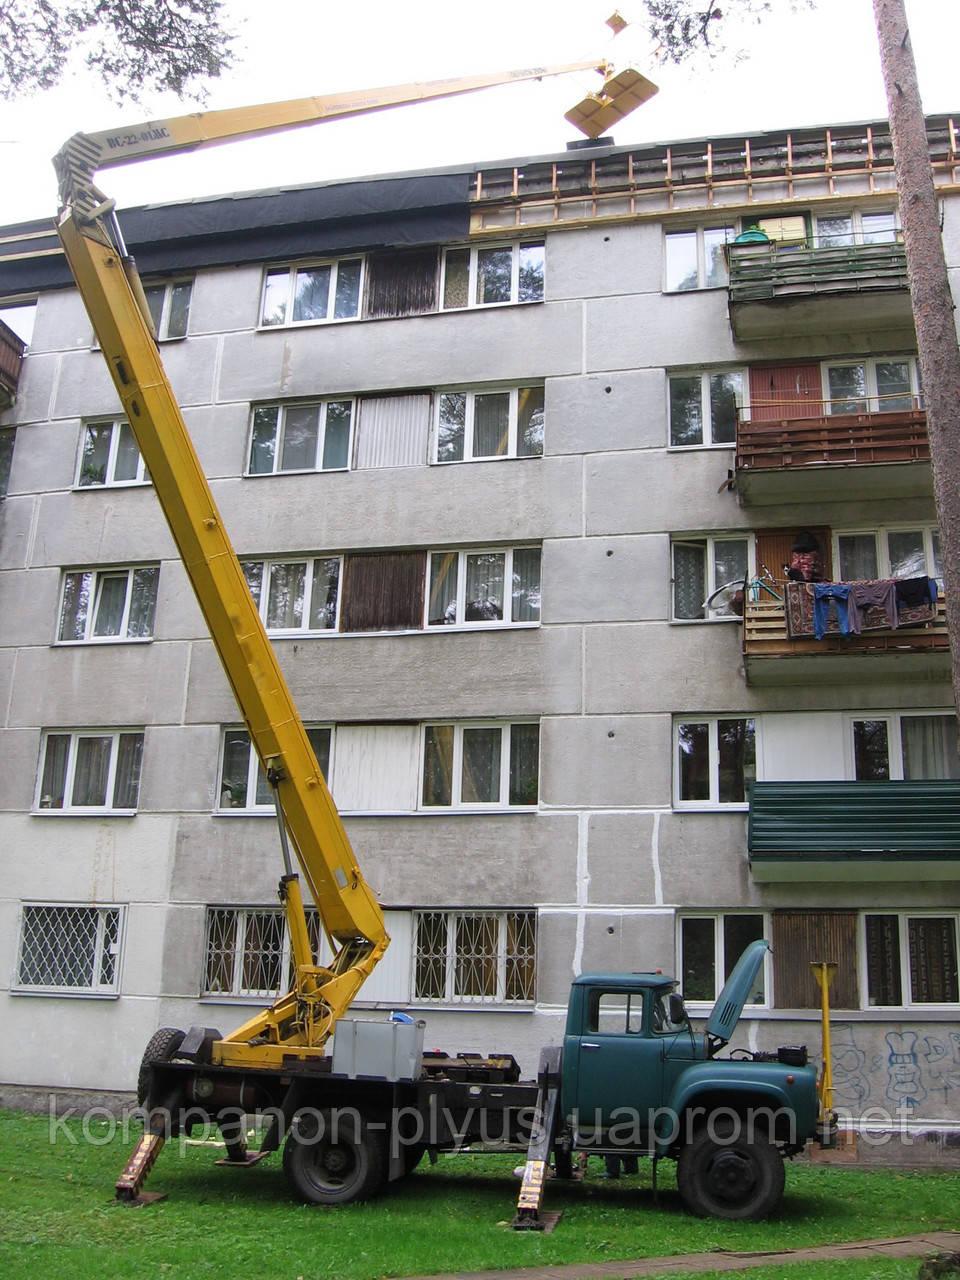 Заказать автовышку в Киеве, Киев